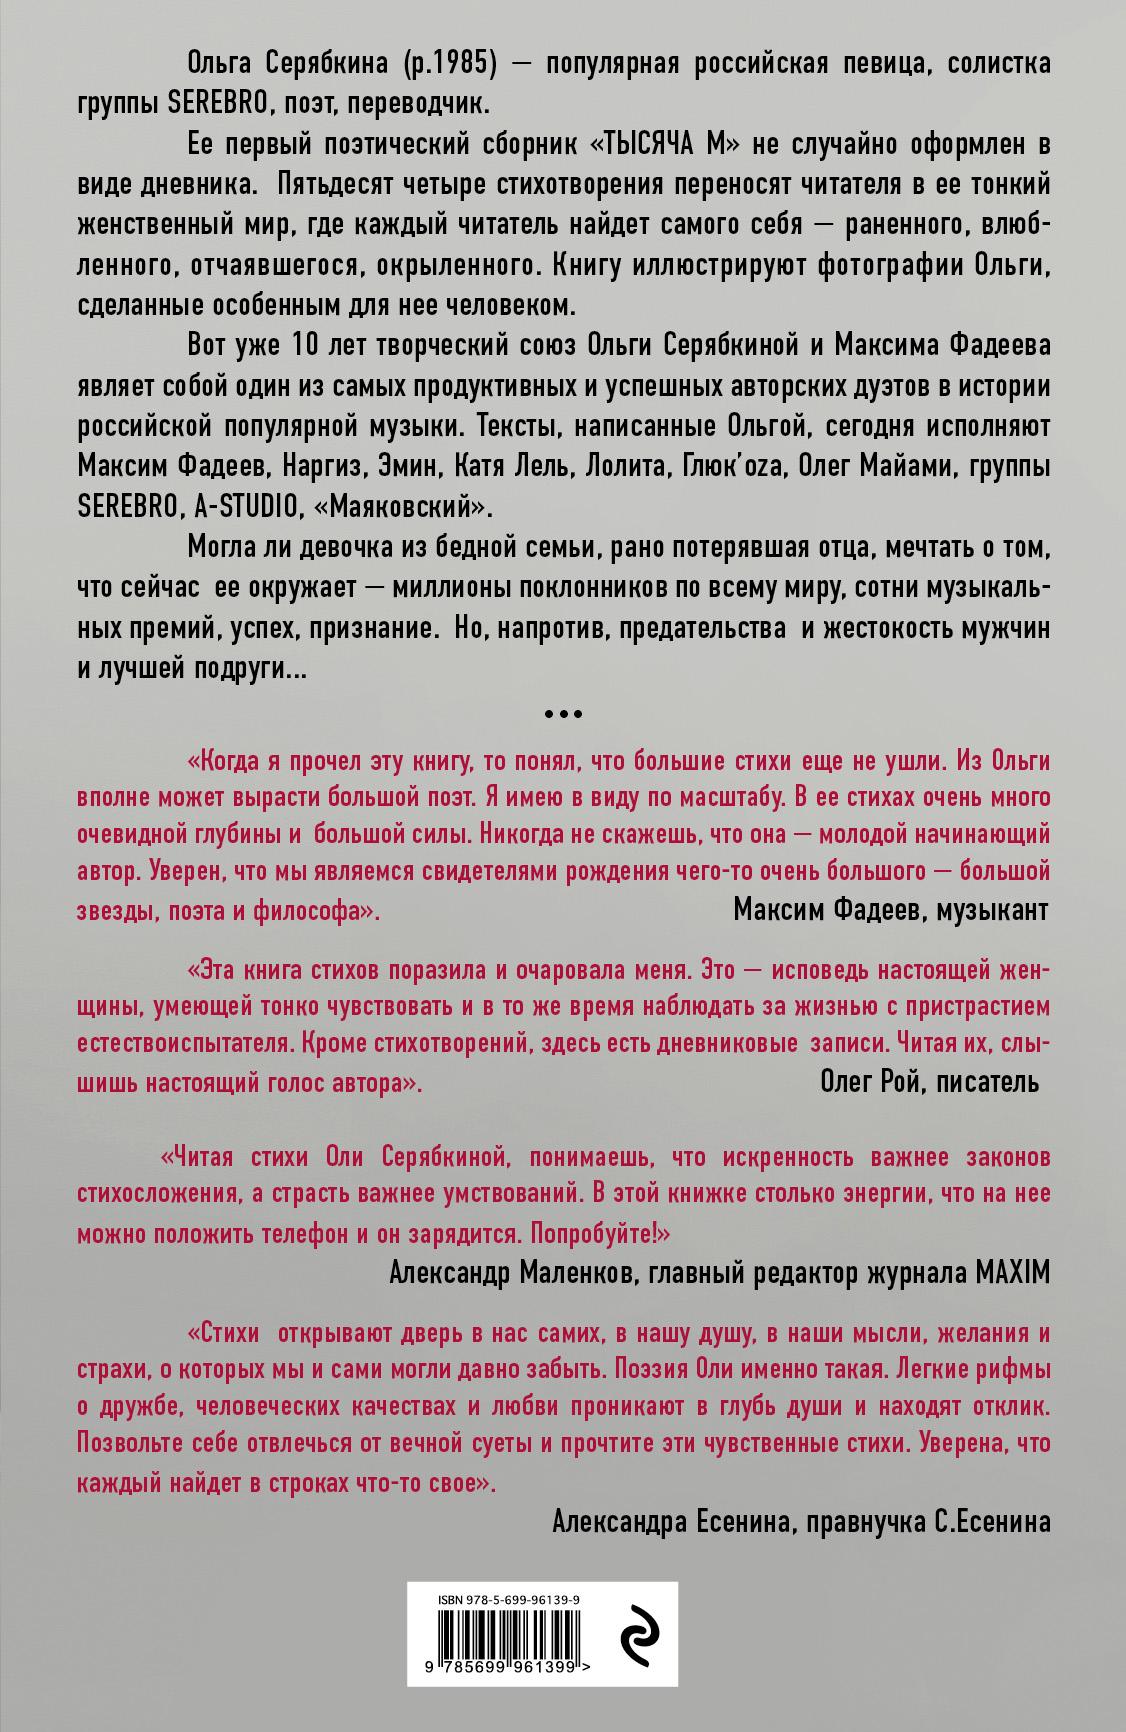 Песни на стихи иаб почитатели бродского vk